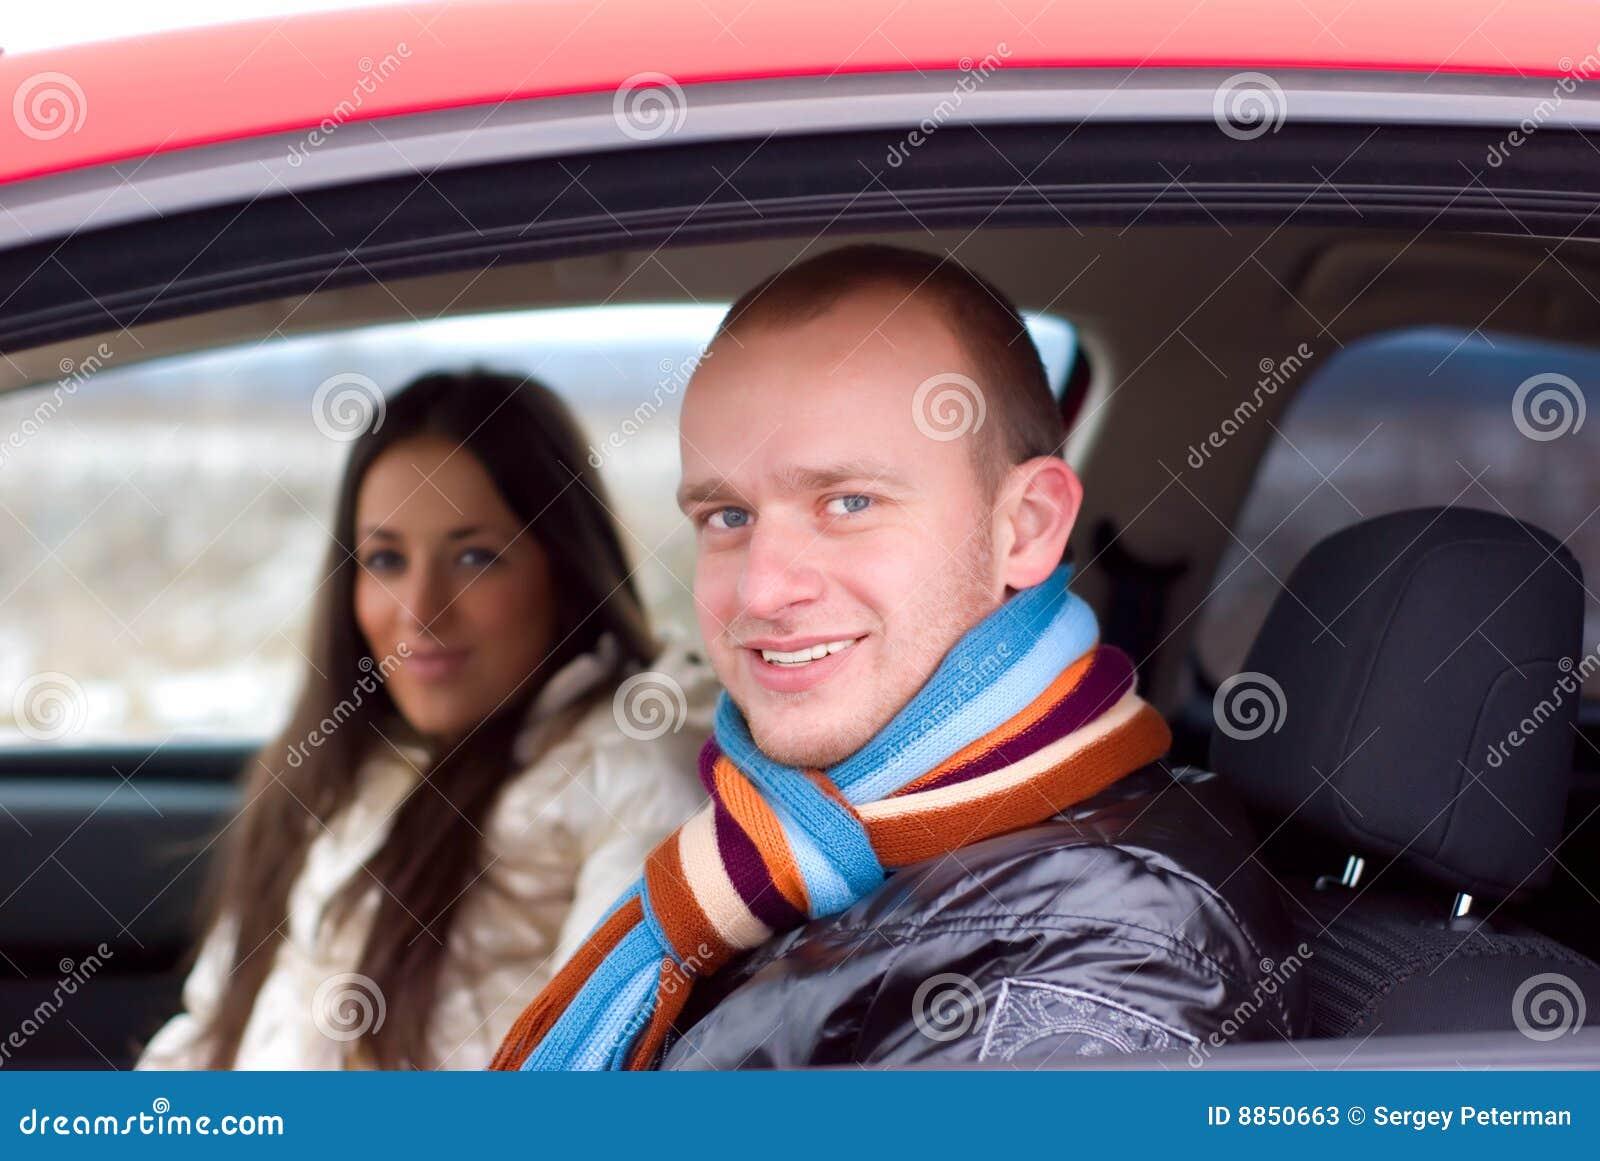 Фото пара в машине 20 фотография